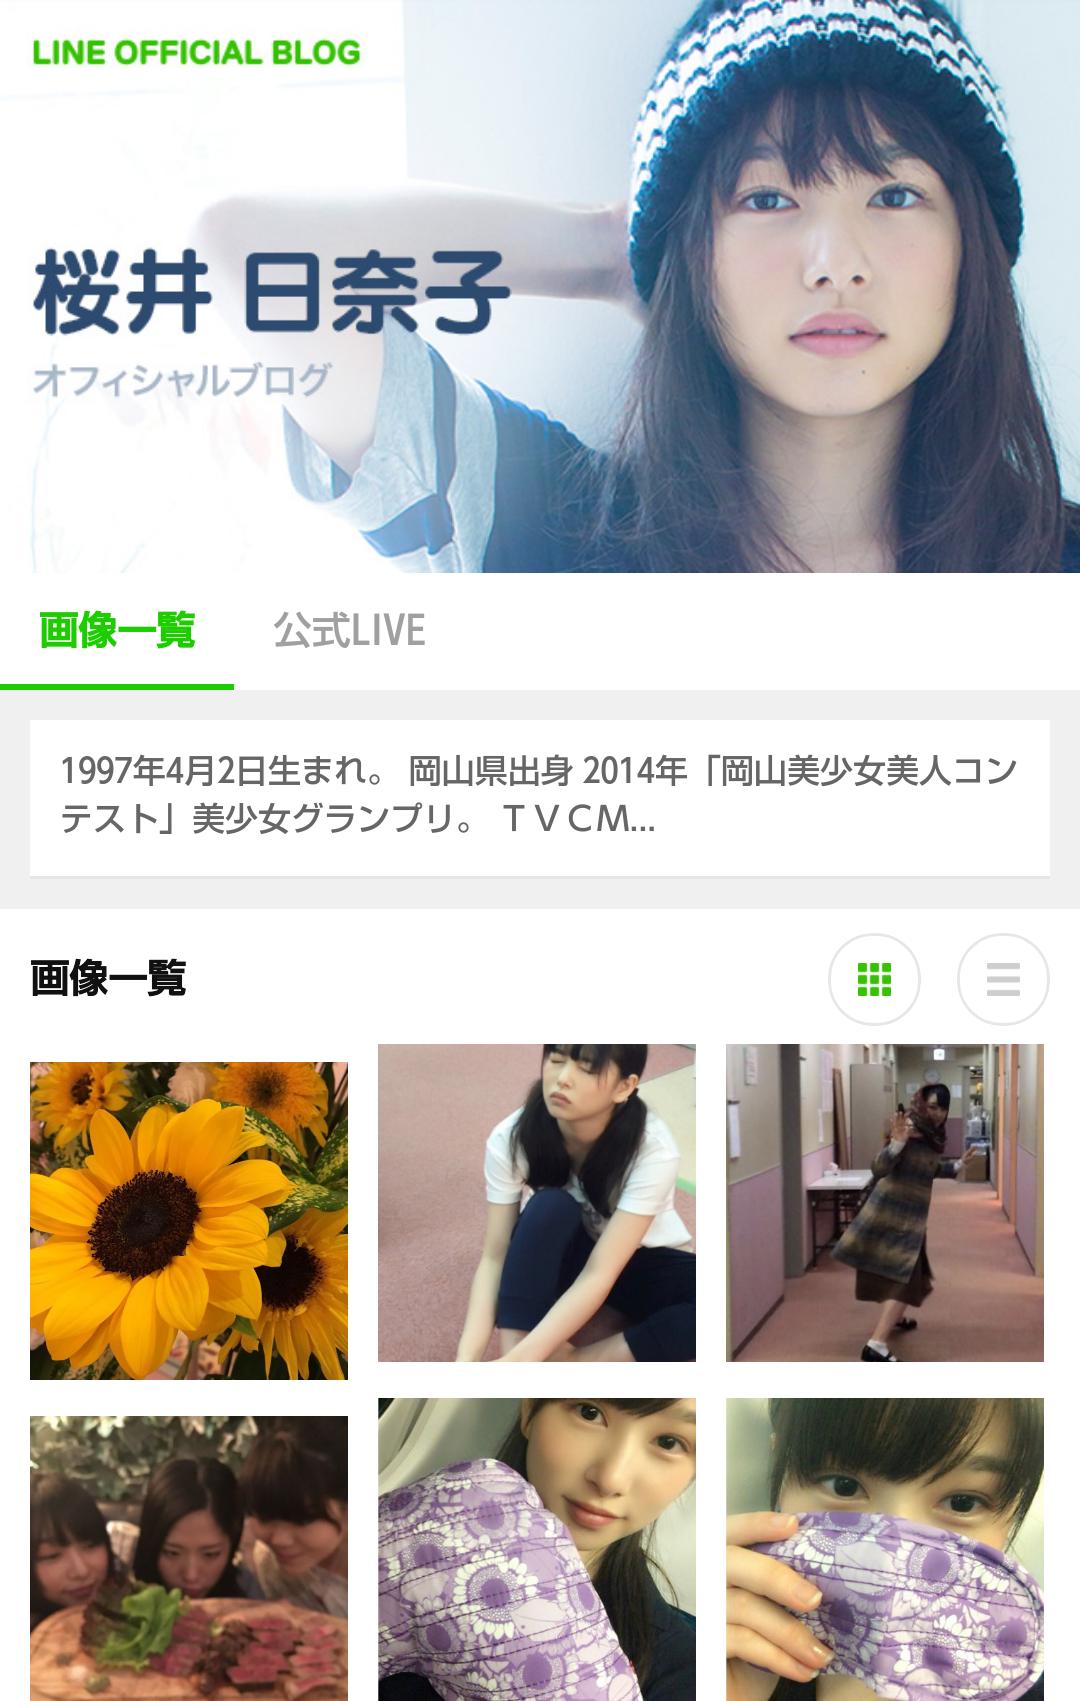 出典:桜井日奈子オフィシャルブログ